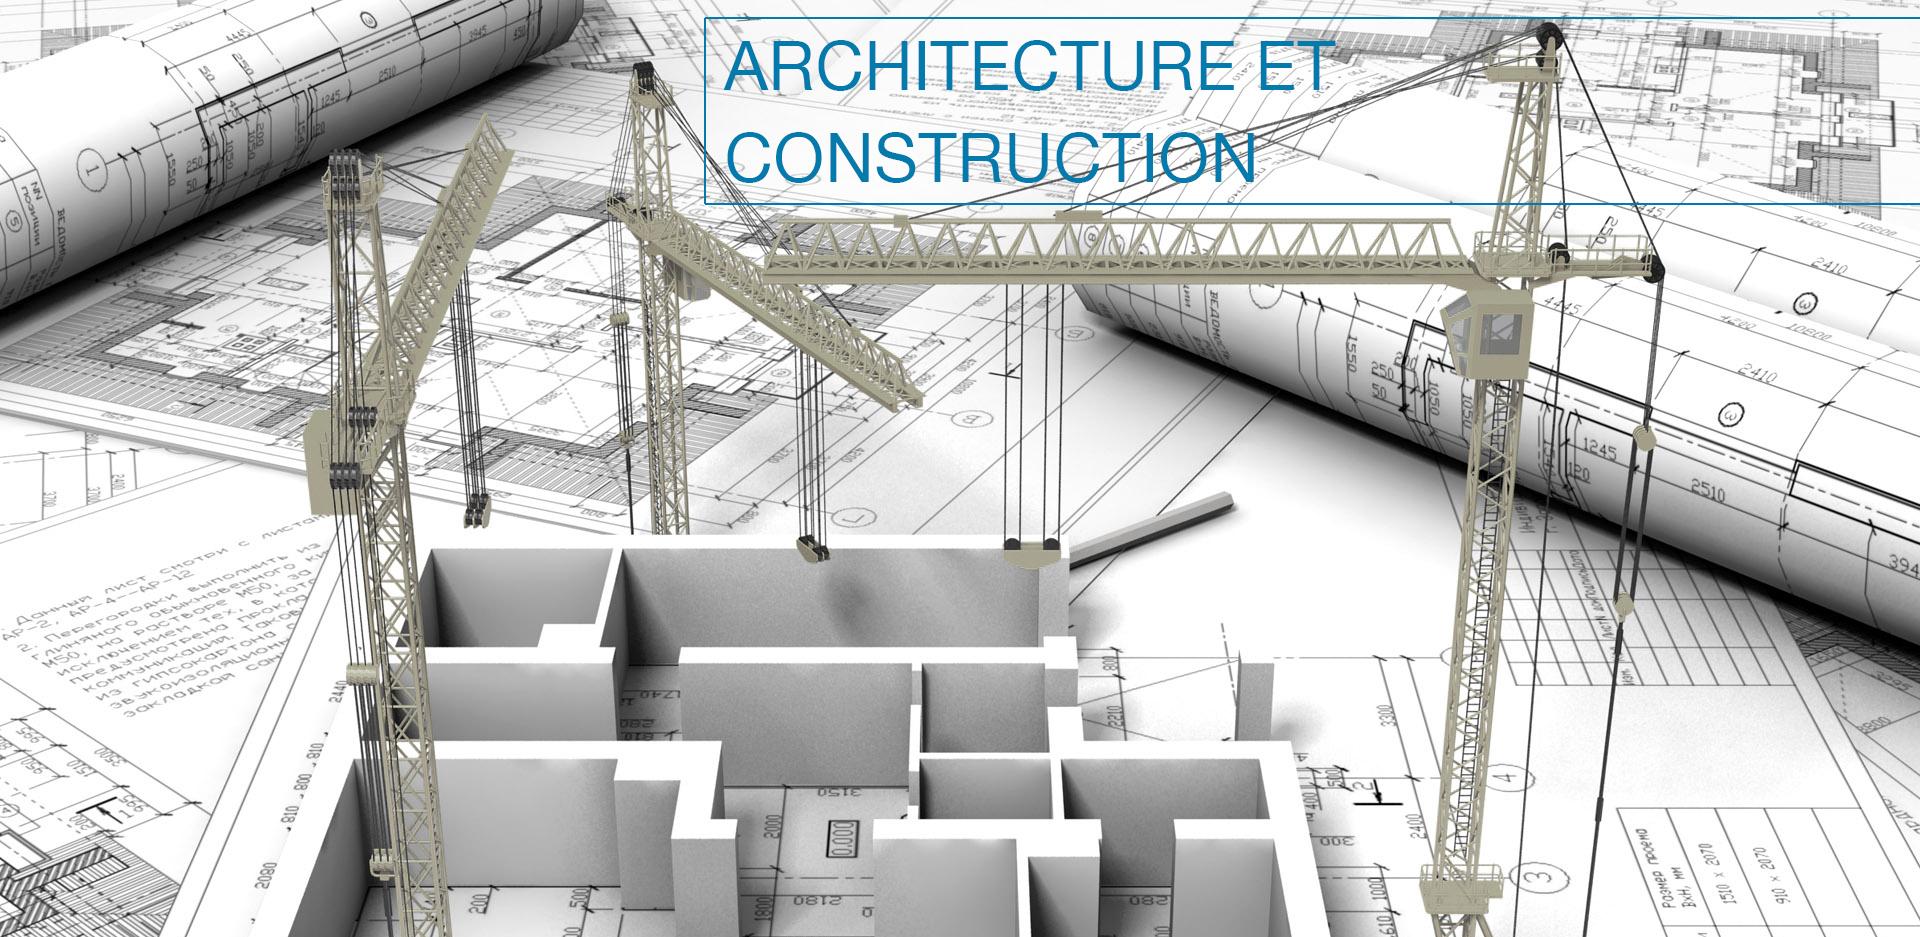 Traduction dans les domaines de l'architecture et de la construction